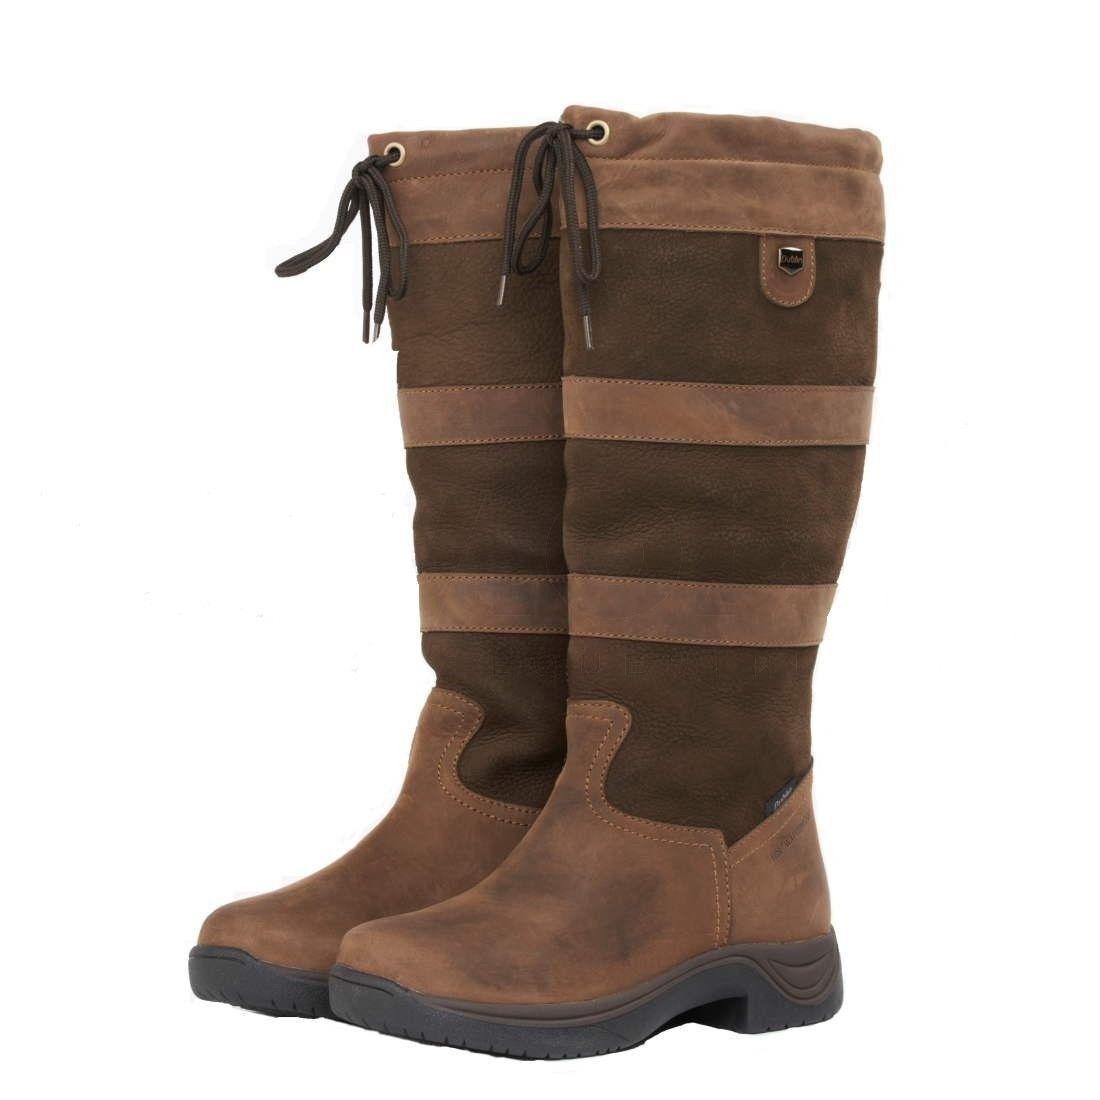 Señoras botas Impermeables de Río de Dublín, Dublín, de Talla 4, becerro ancho normal o, 125 Libras. Gratis PP d58a94